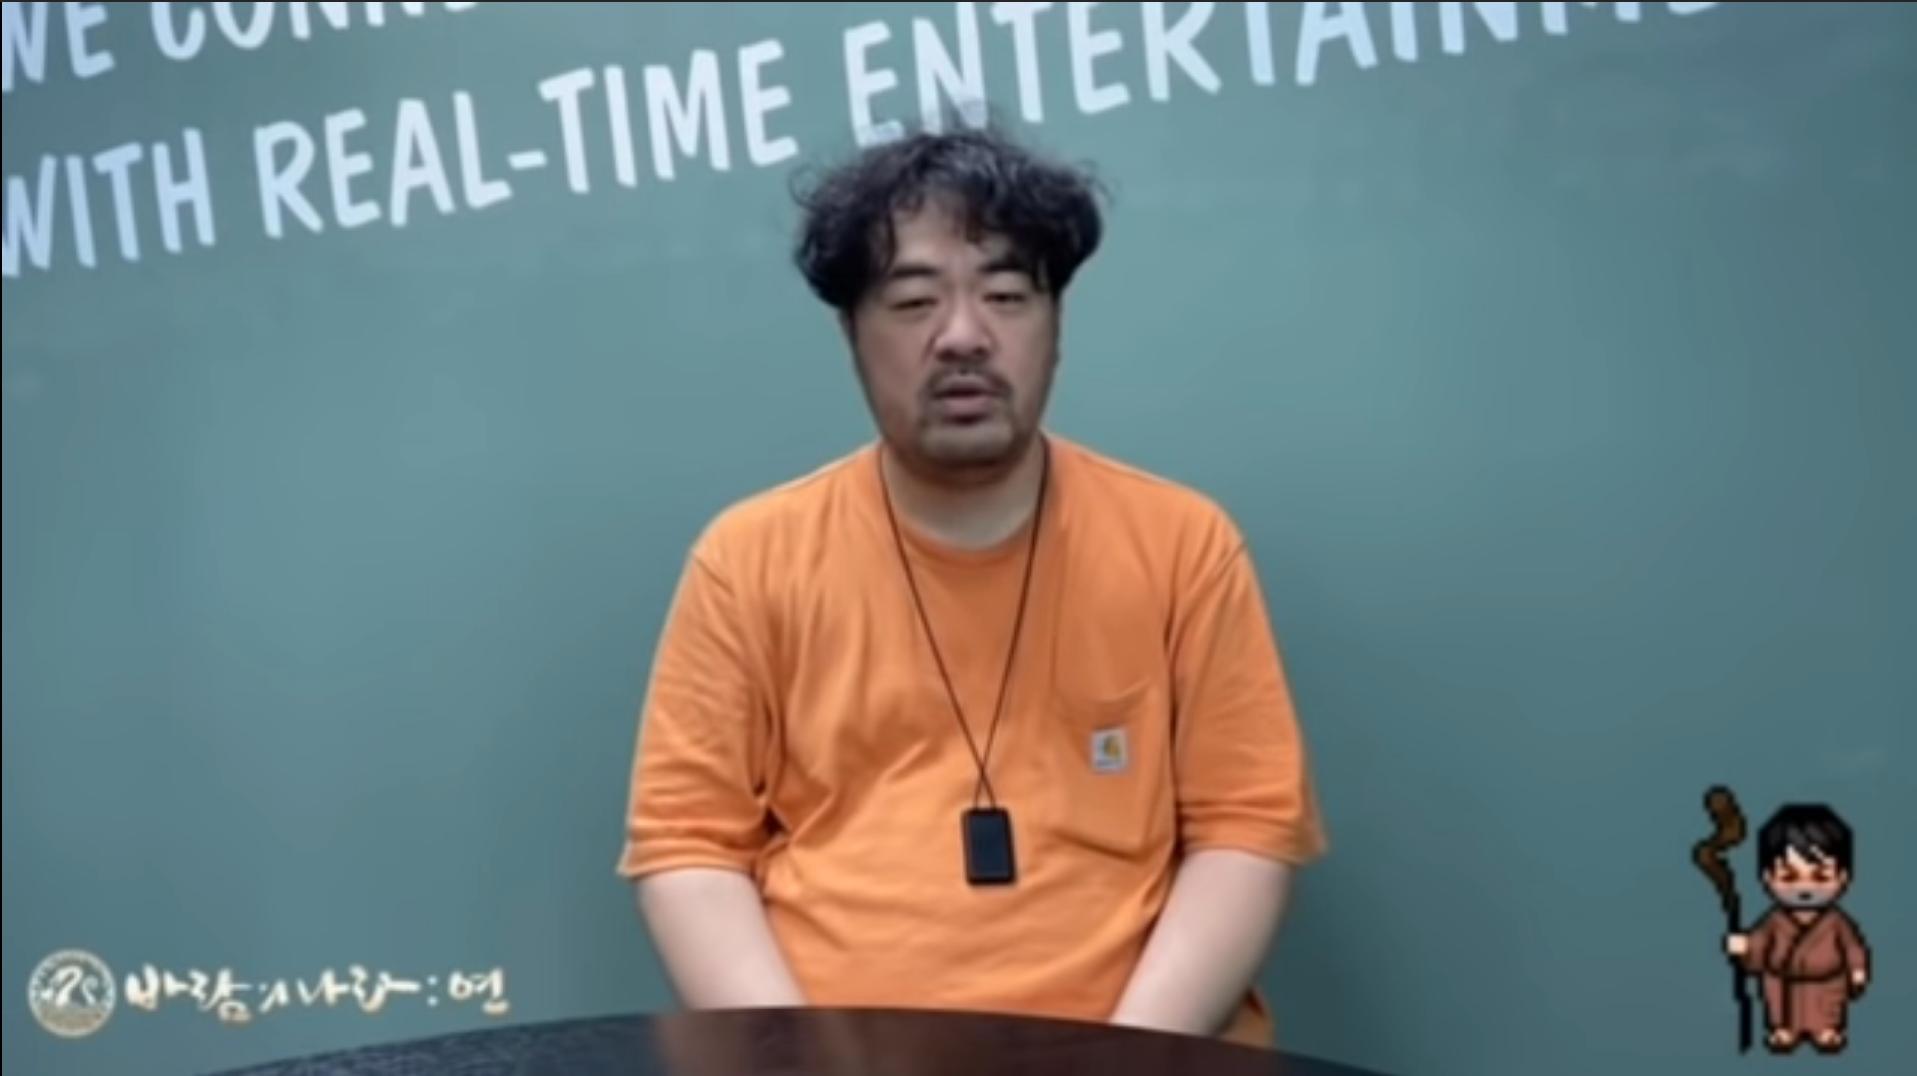 슈퍼캣 이태성 디렉터(지료출처-바람의 나라연 유튜브 페이지)